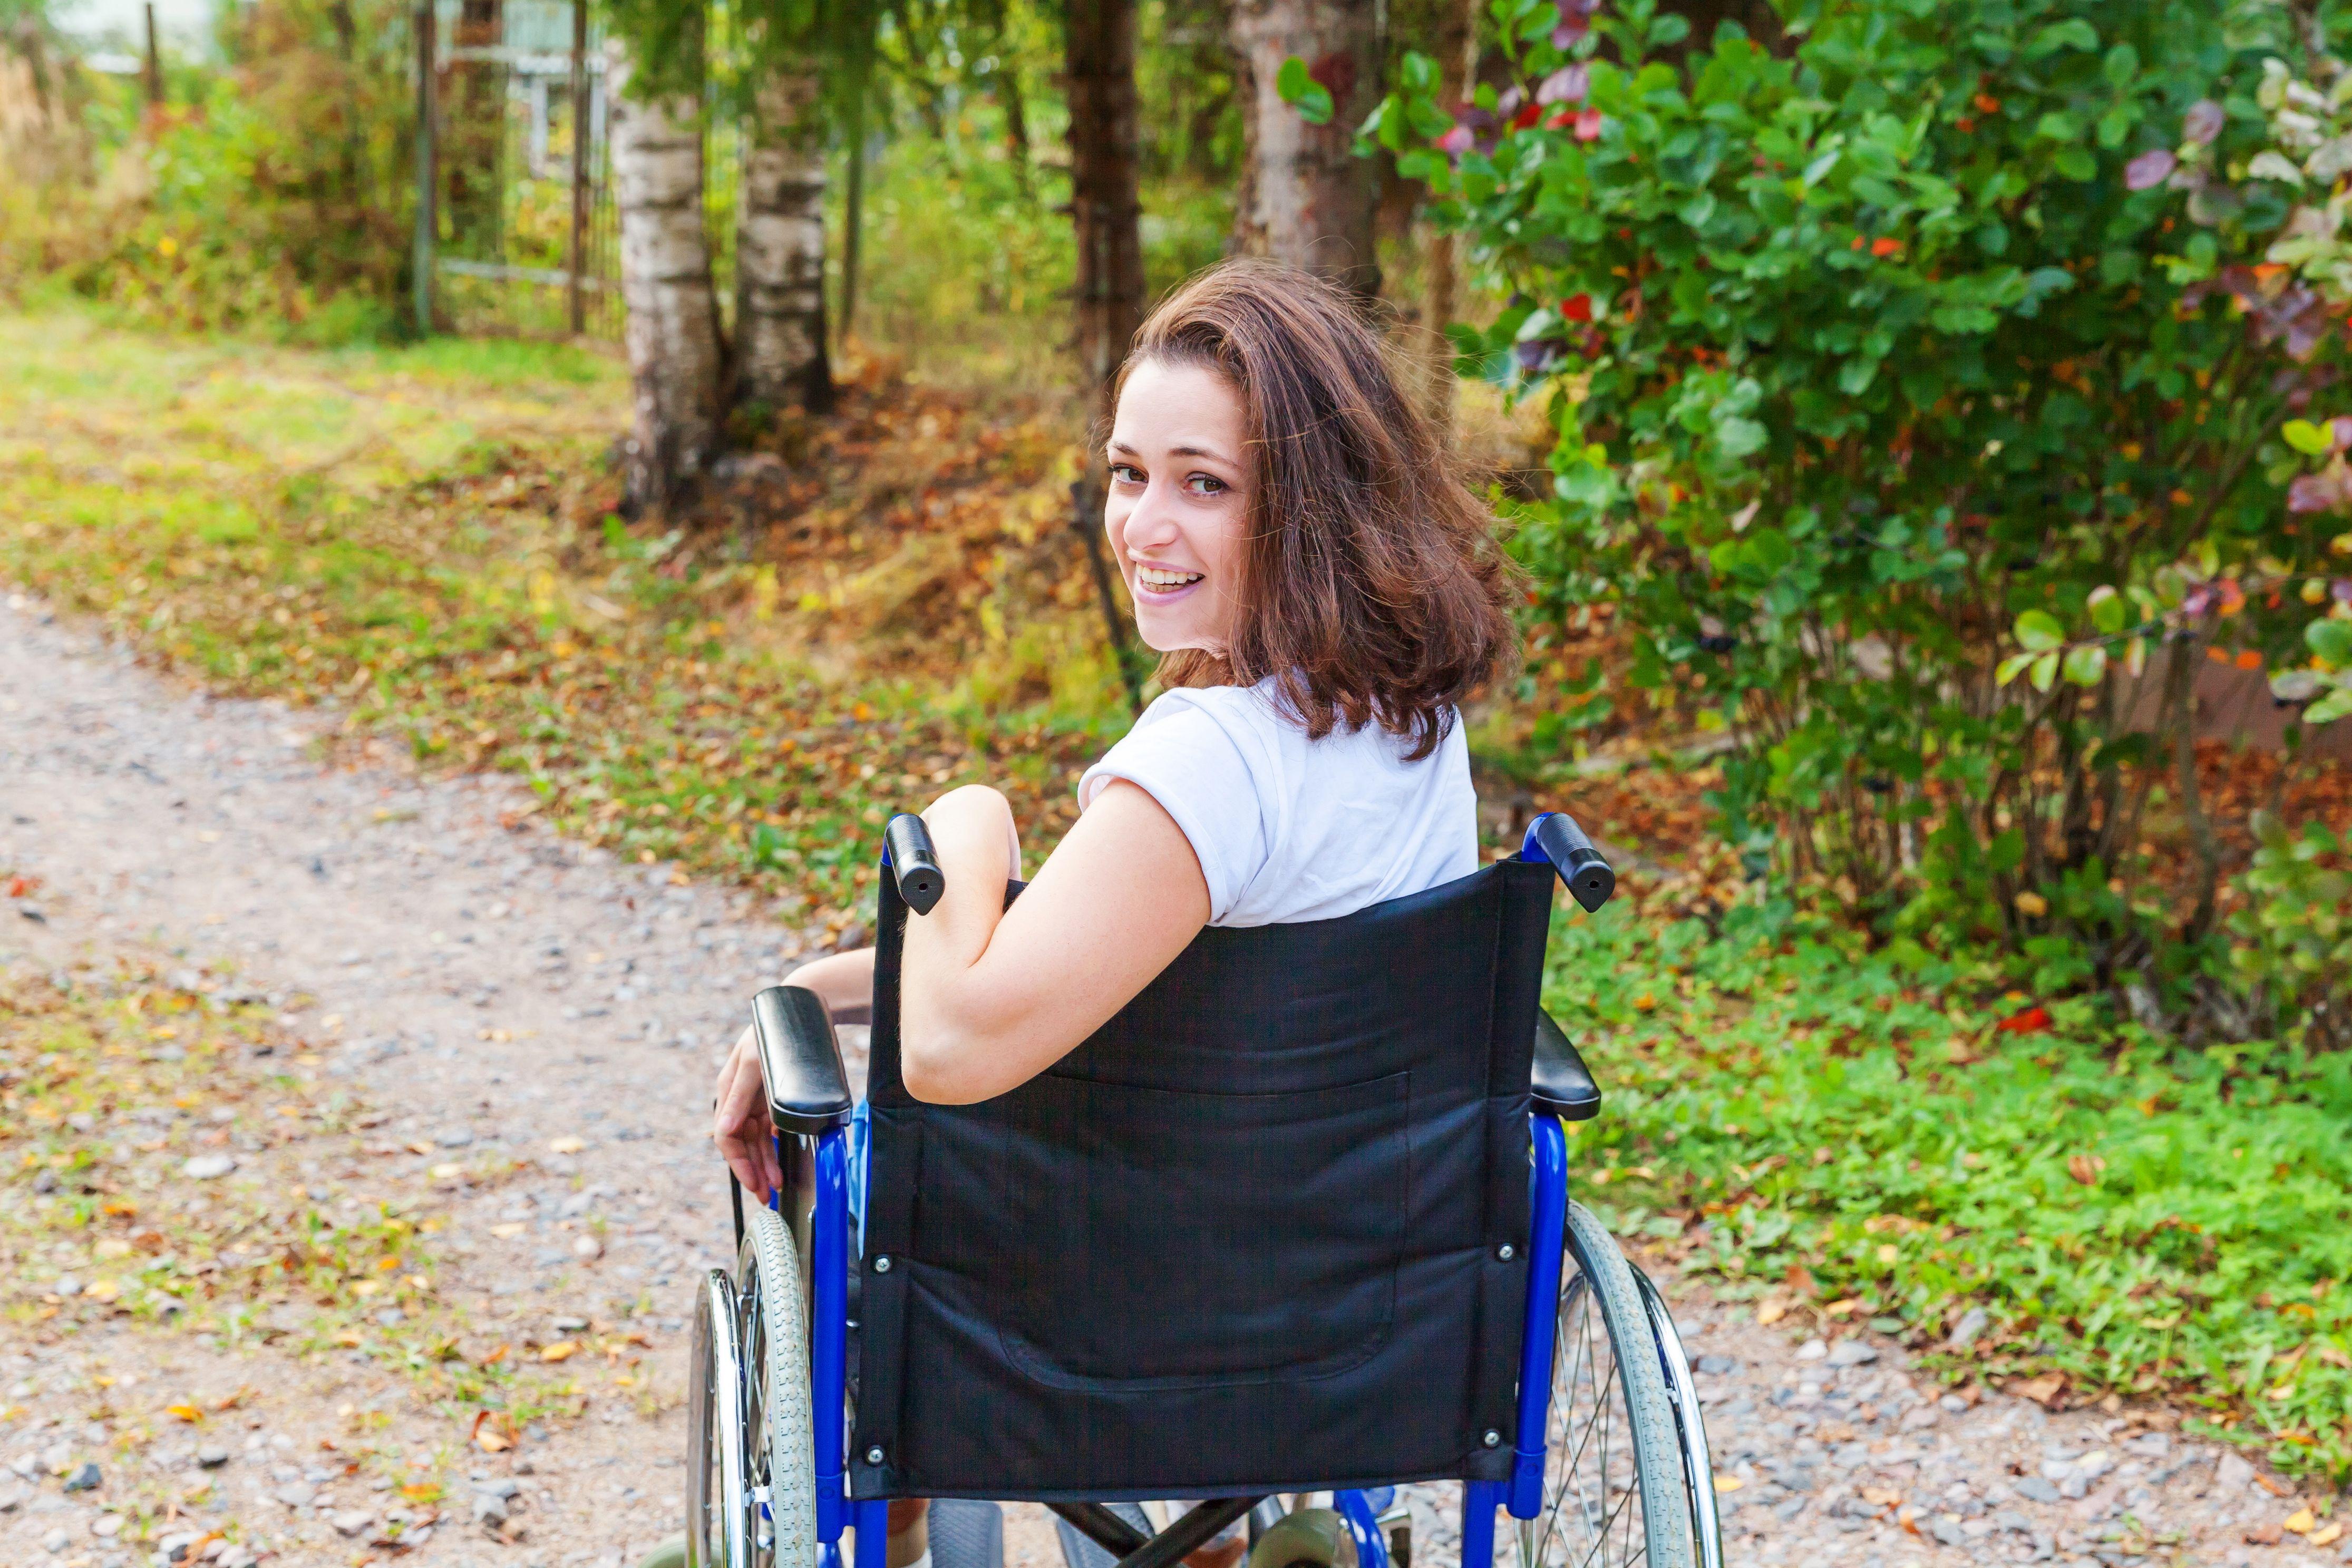 Jente som sitter i rullestol og smiler.